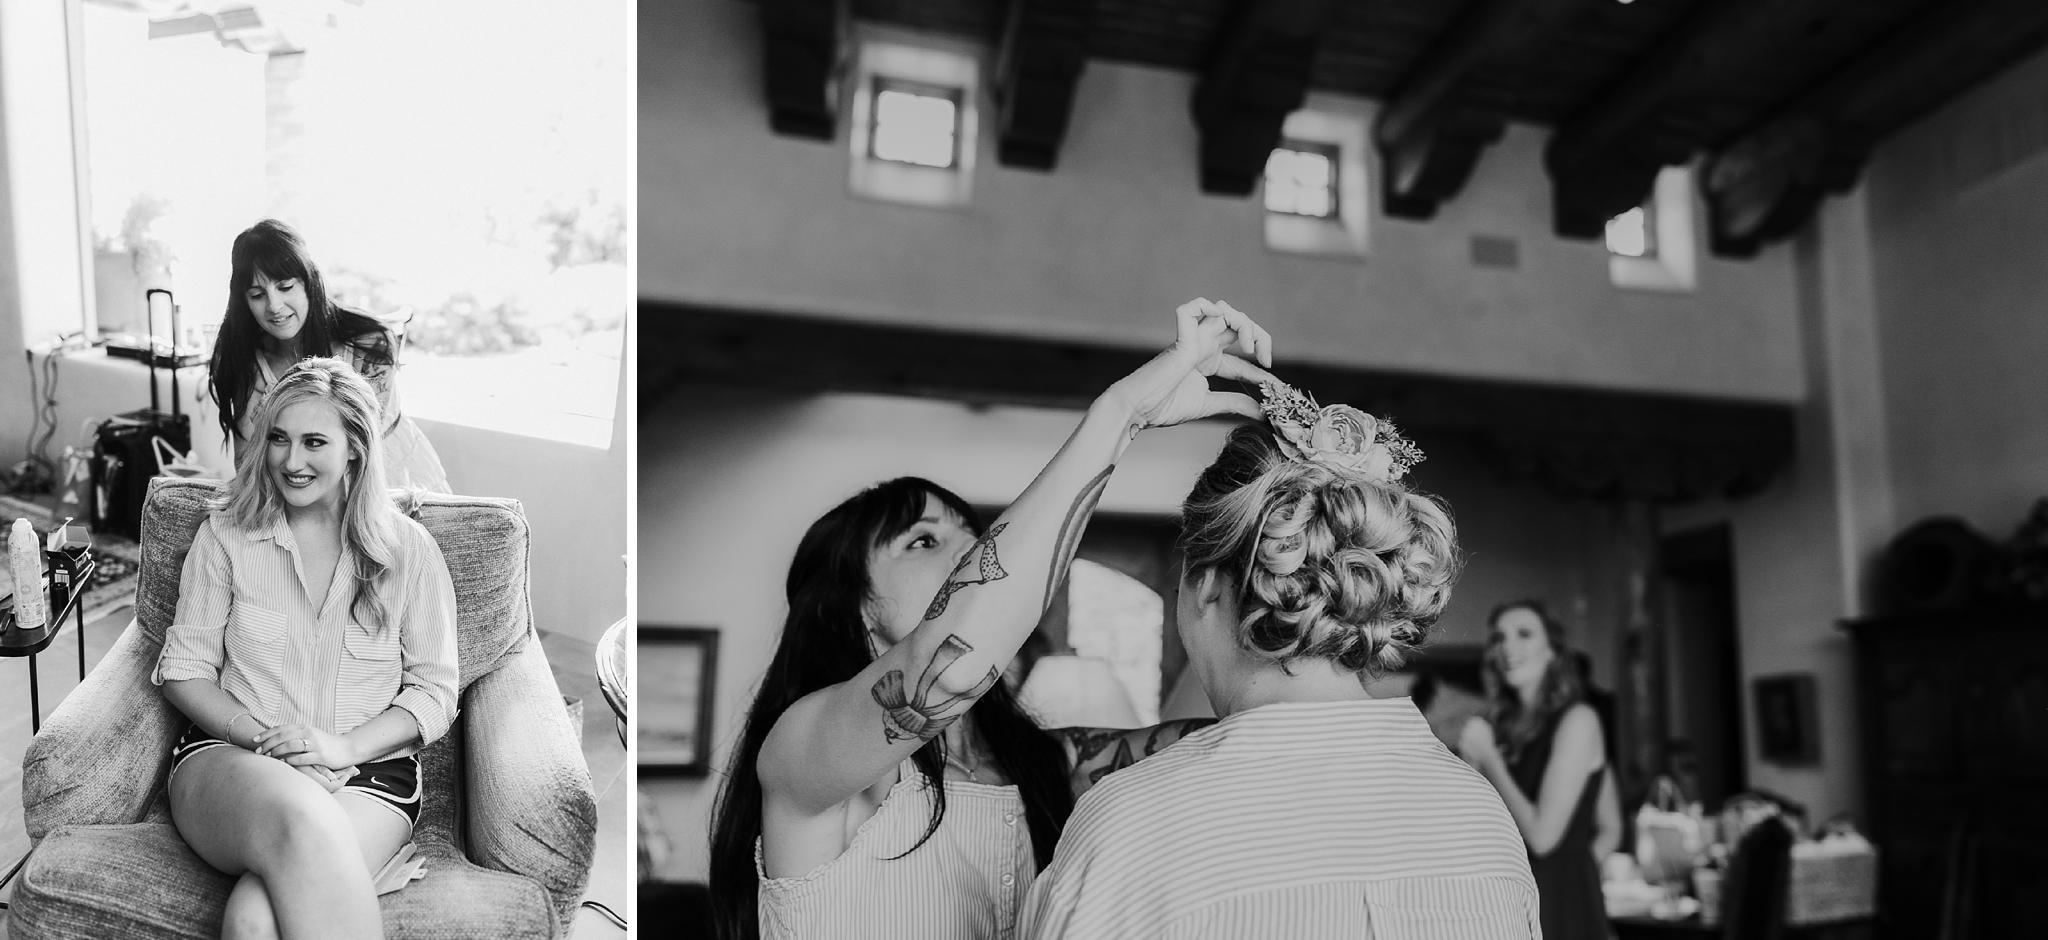 Alicia+lucia+photography+-+albuquerque+wedding+photographer+-+santa+fe+wedding+photography+-+new+mexico+wedding+photographer+-+new+mexico+wedding+-+las+campanas+wedding+-+santa+fe+wedding+-+maximalist+wedding+-+destination+wedding_0010.jpg